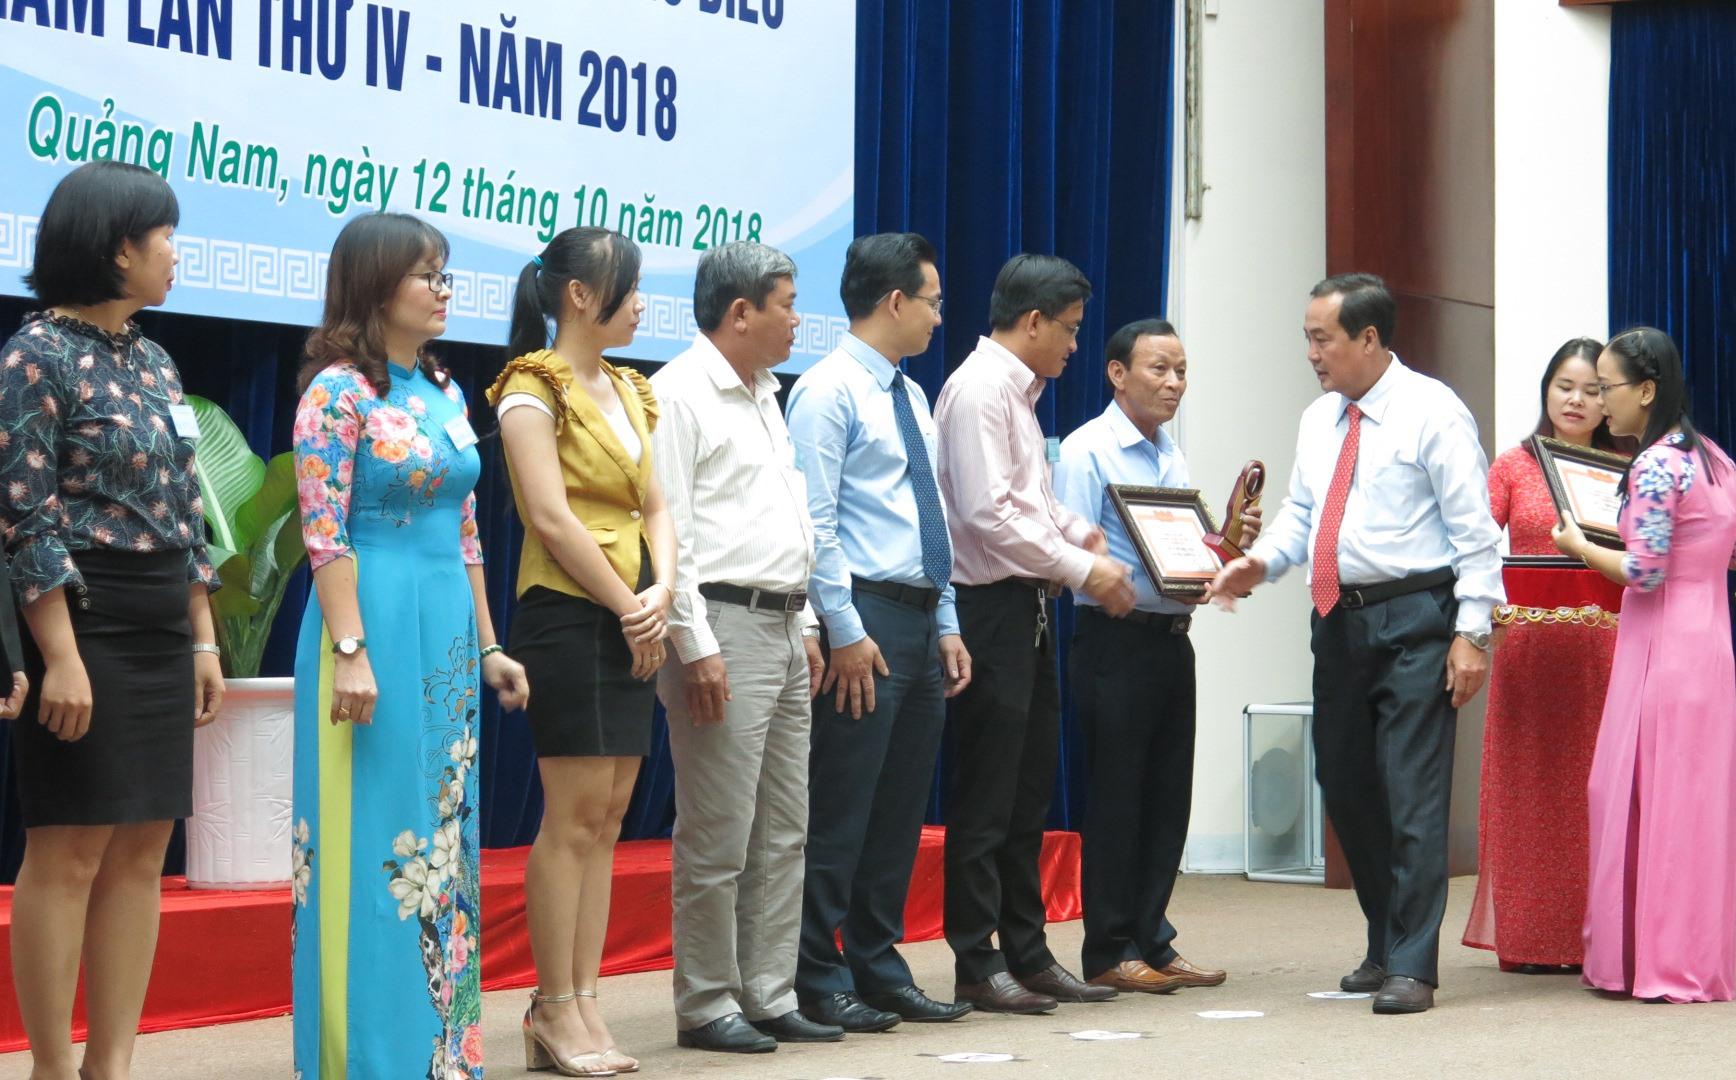 Lễ vinh danh doanh nghiệp, doanh nhân tiêu biểu là sự ghi nhận của tỉnh về nỗ lực đóng góp cho sự phát triển của Quảng Nam. Ảnh: T.D